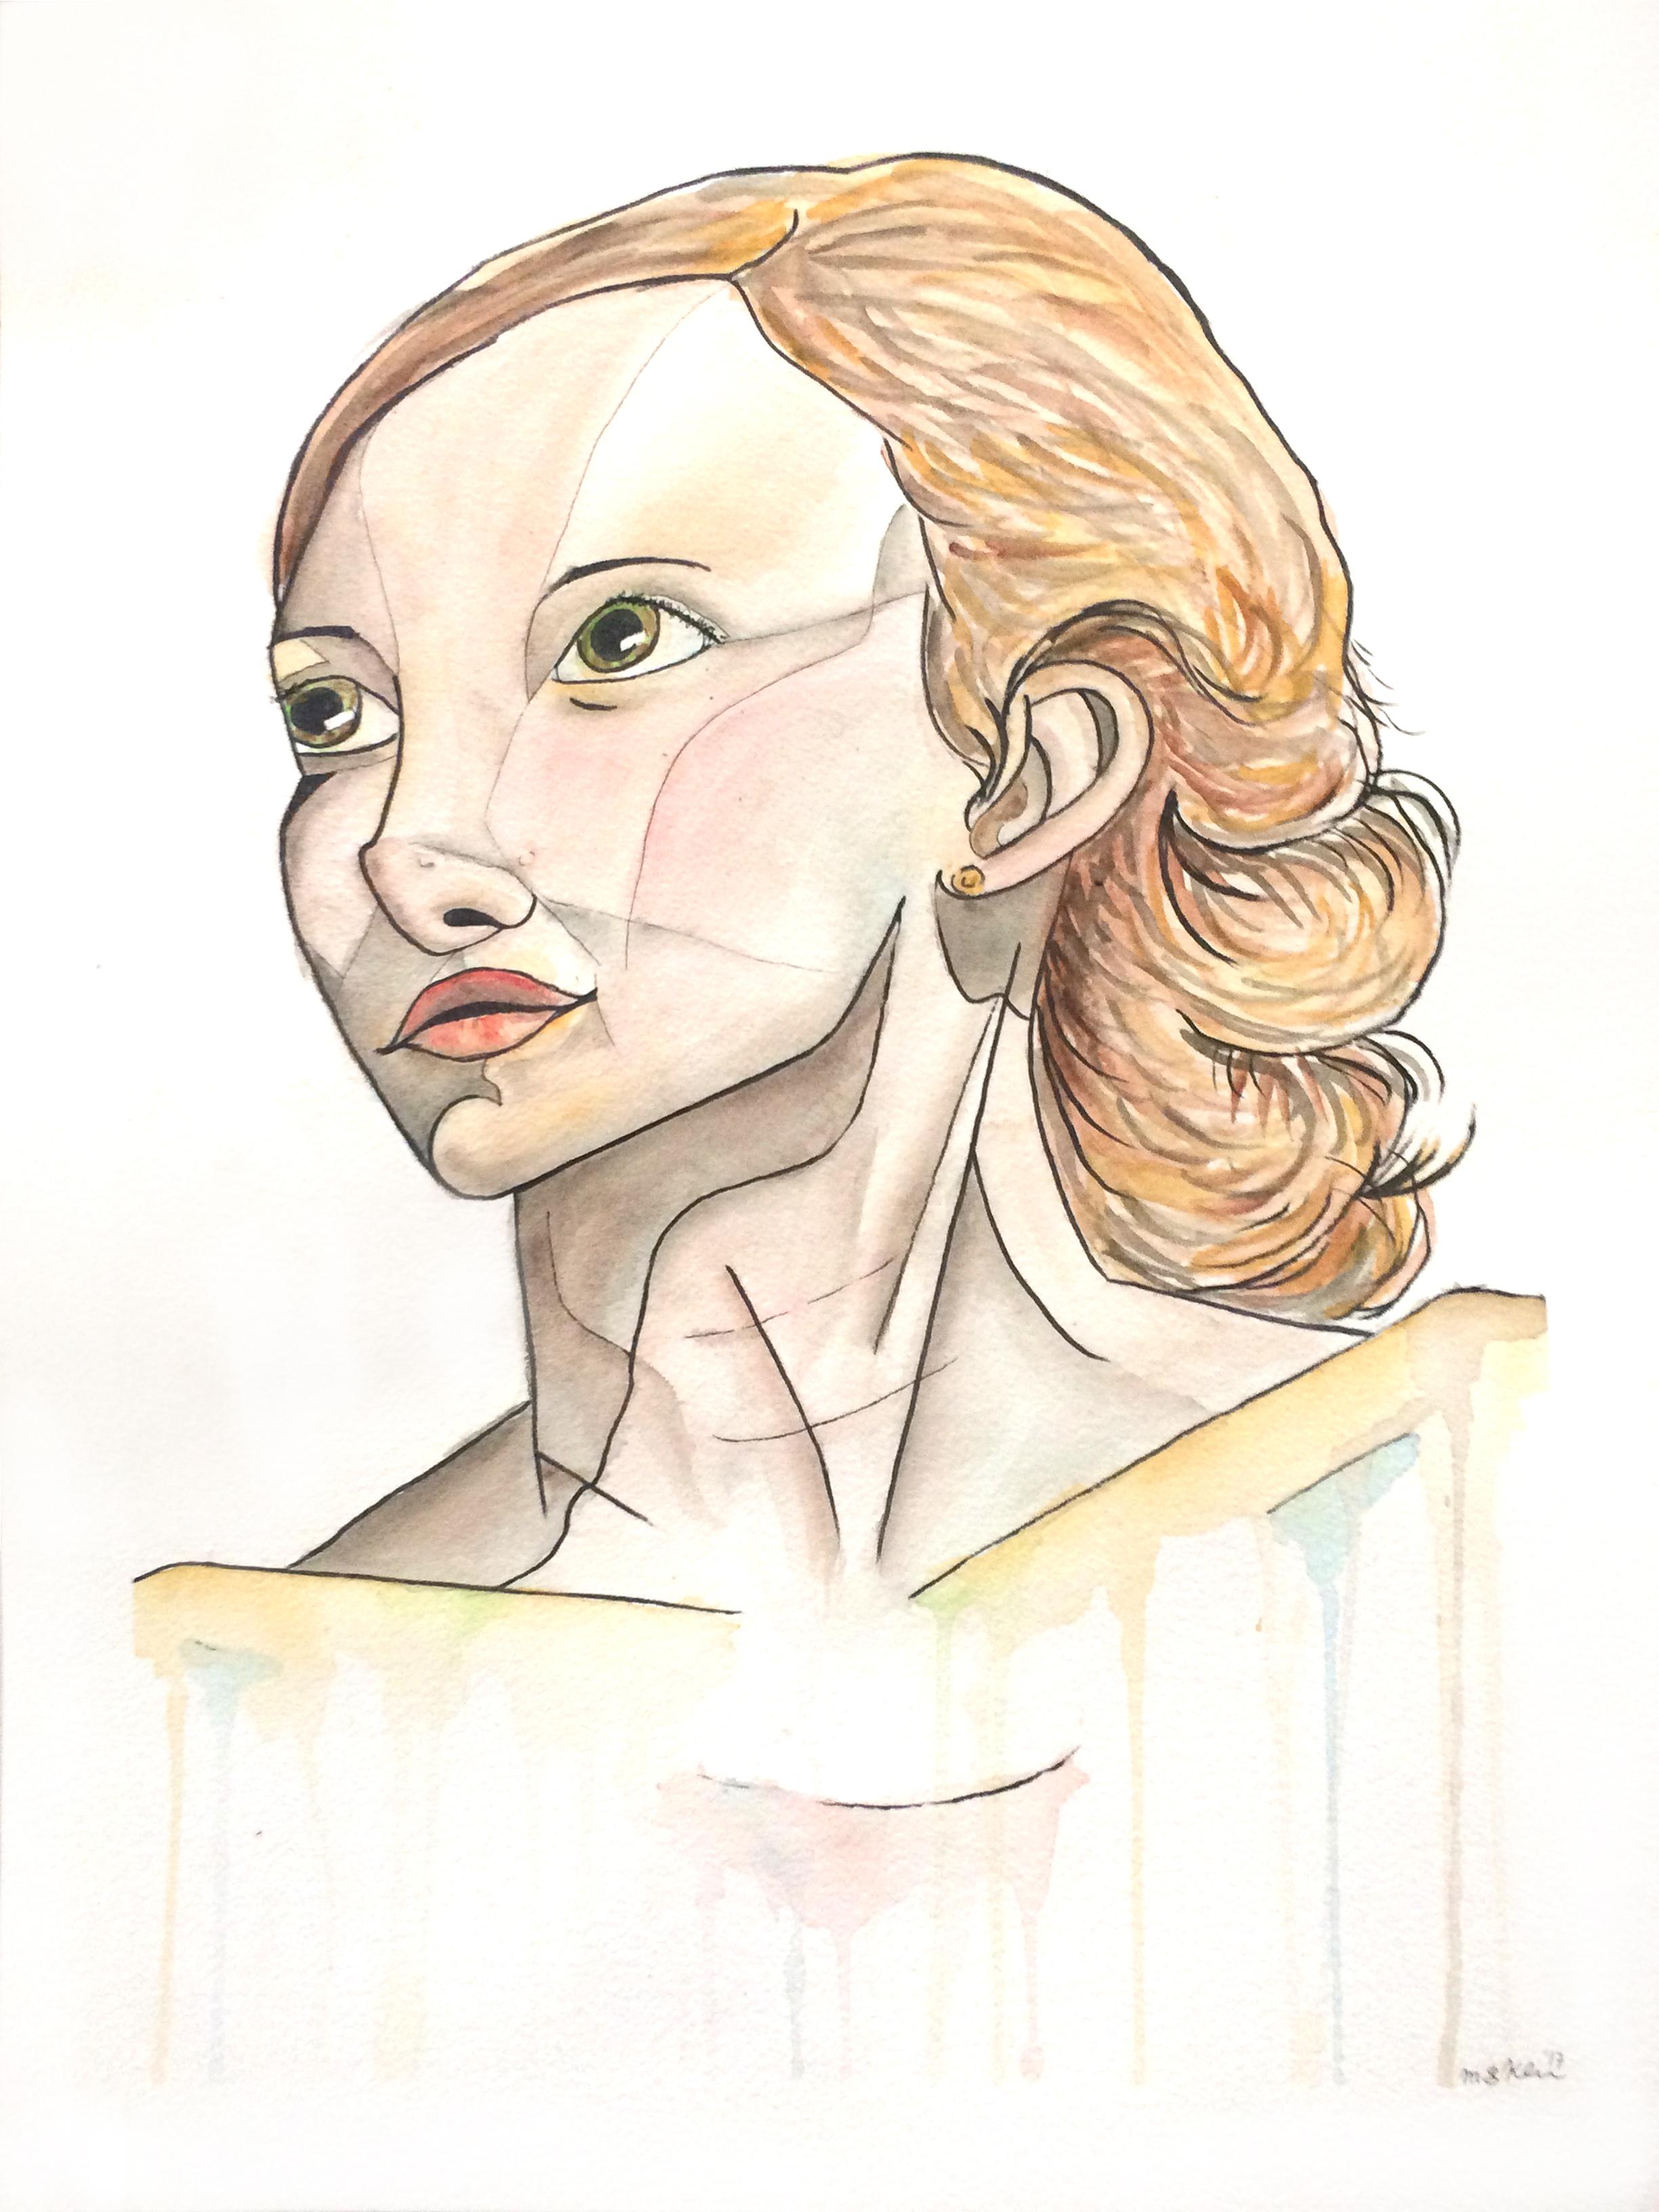 Aurora #2 (The Wooden Girl)